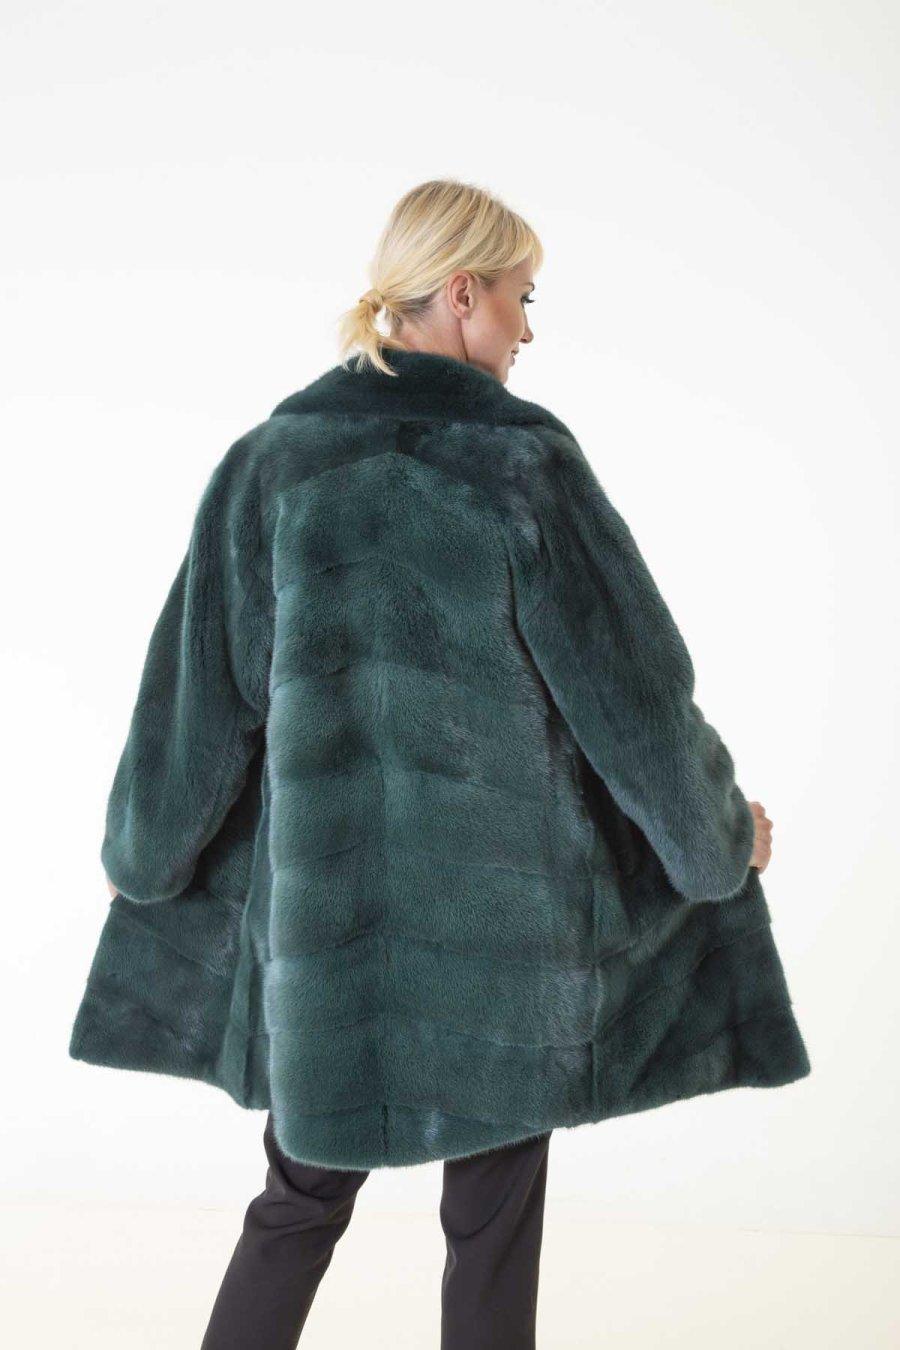 Shock Green Male Mink Farm Jacket | Sarigianni Furs